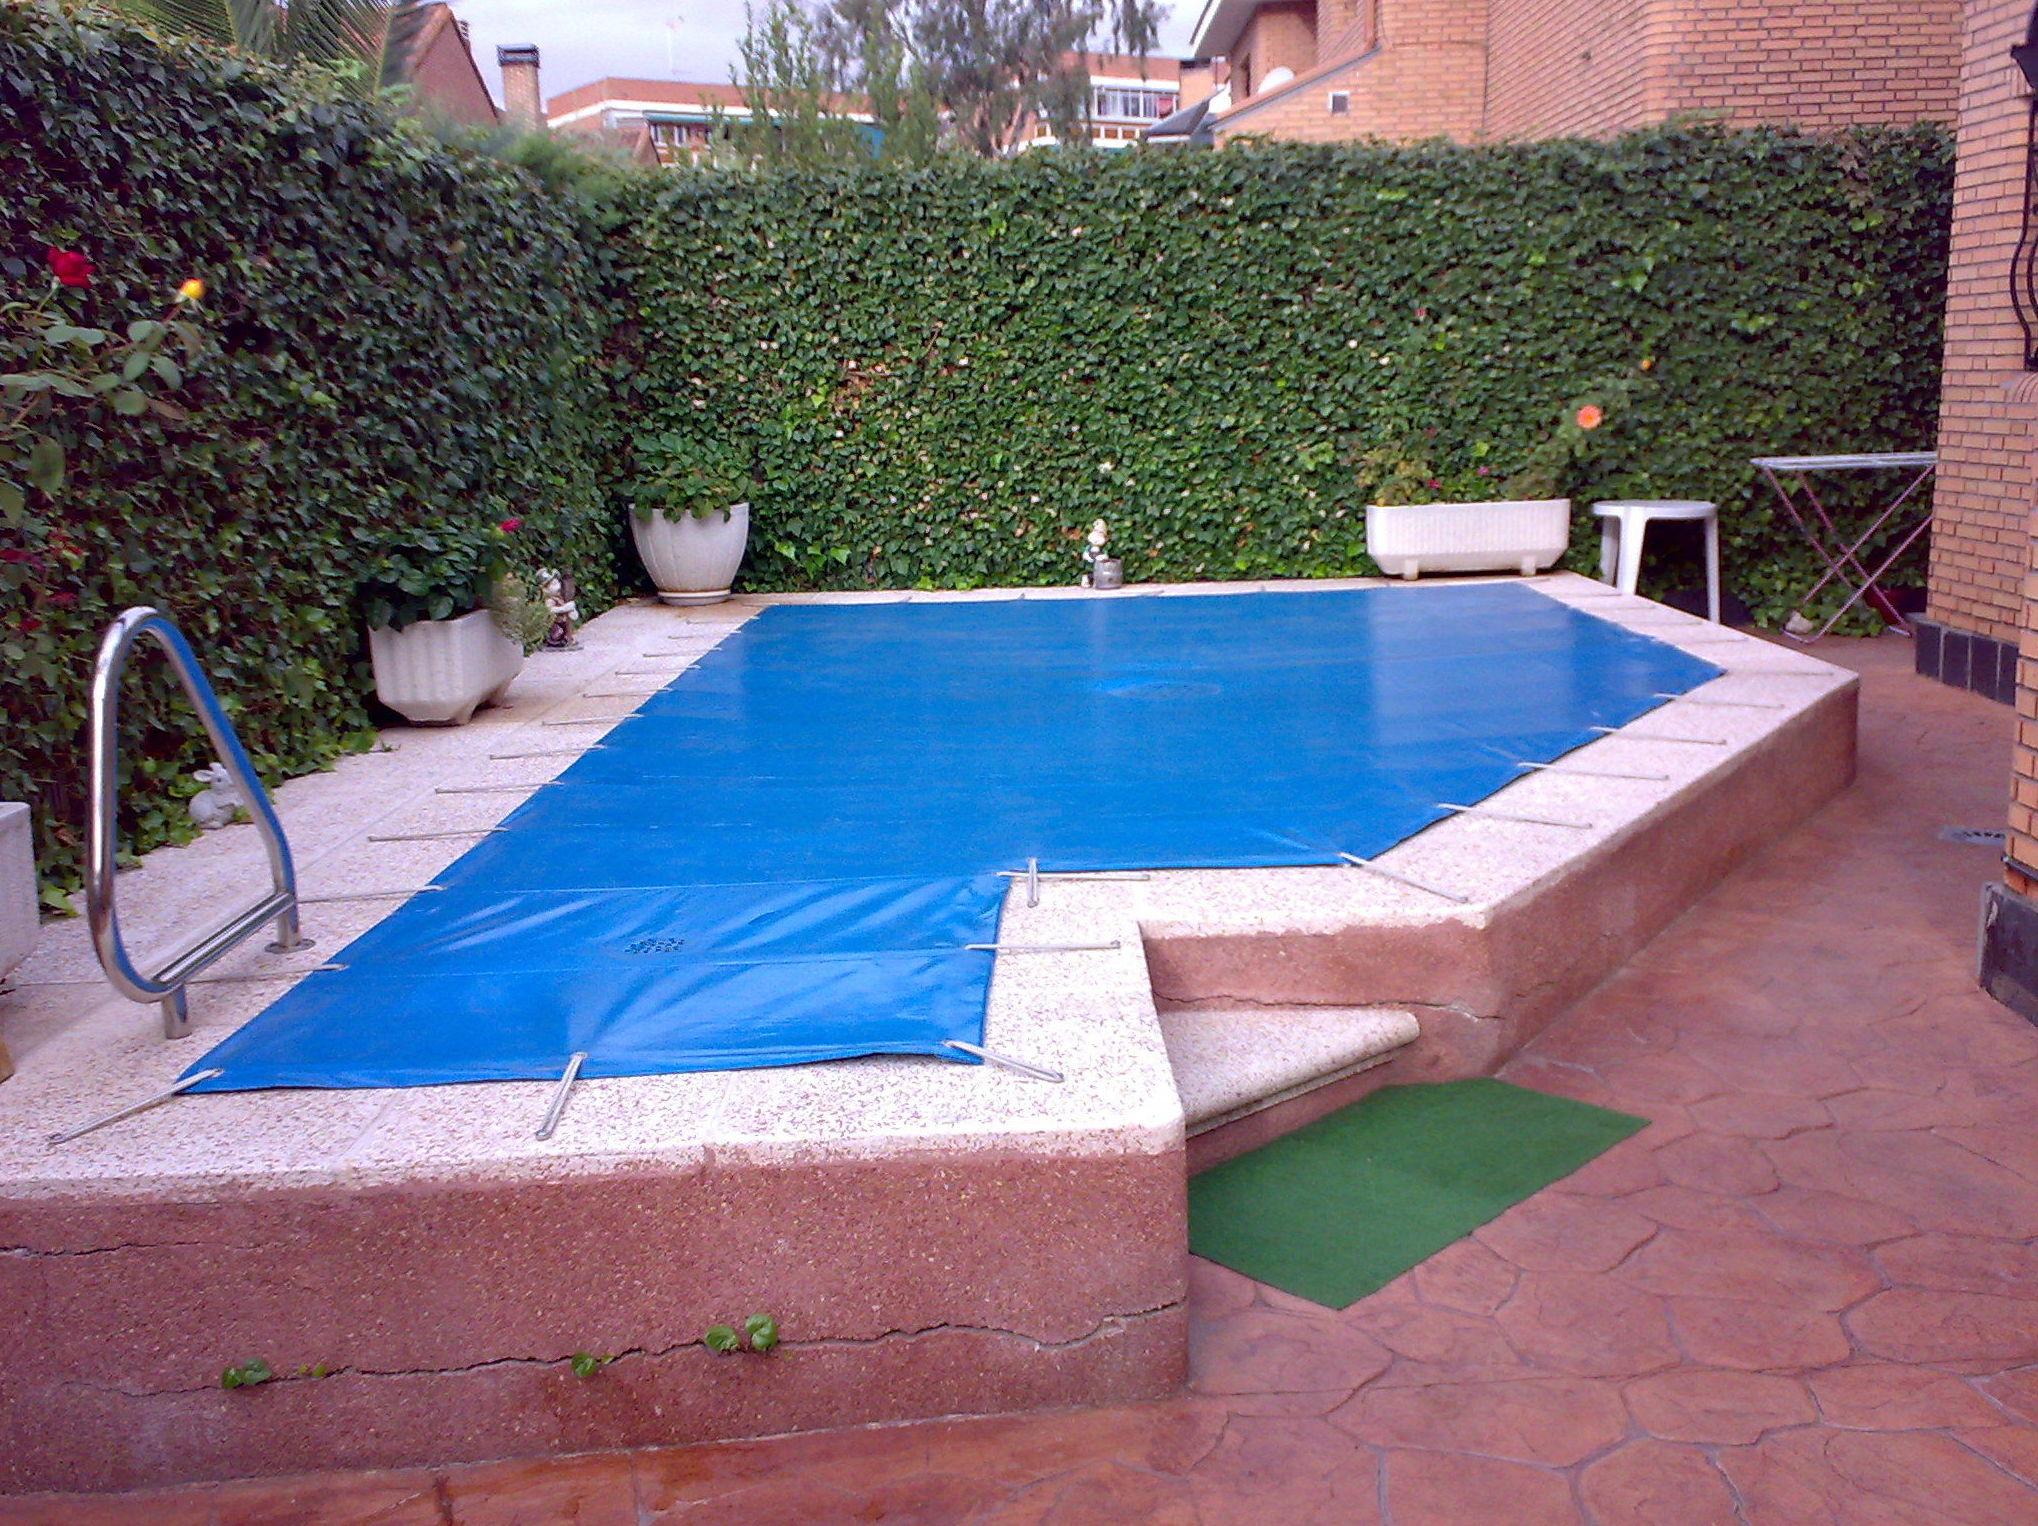 Lona de piscina. Instalación de toldos Pozuelo de Alarcón.